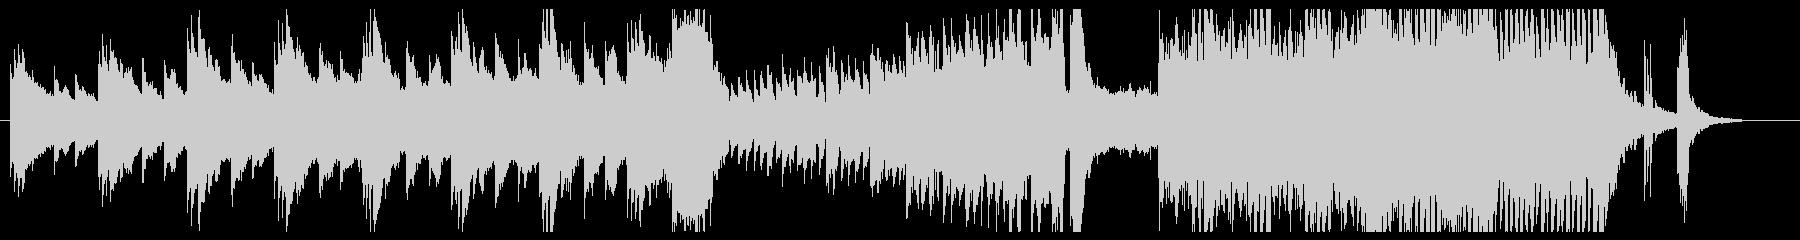 不安感を煽るホラーピアノ即興曲の未再生の波形